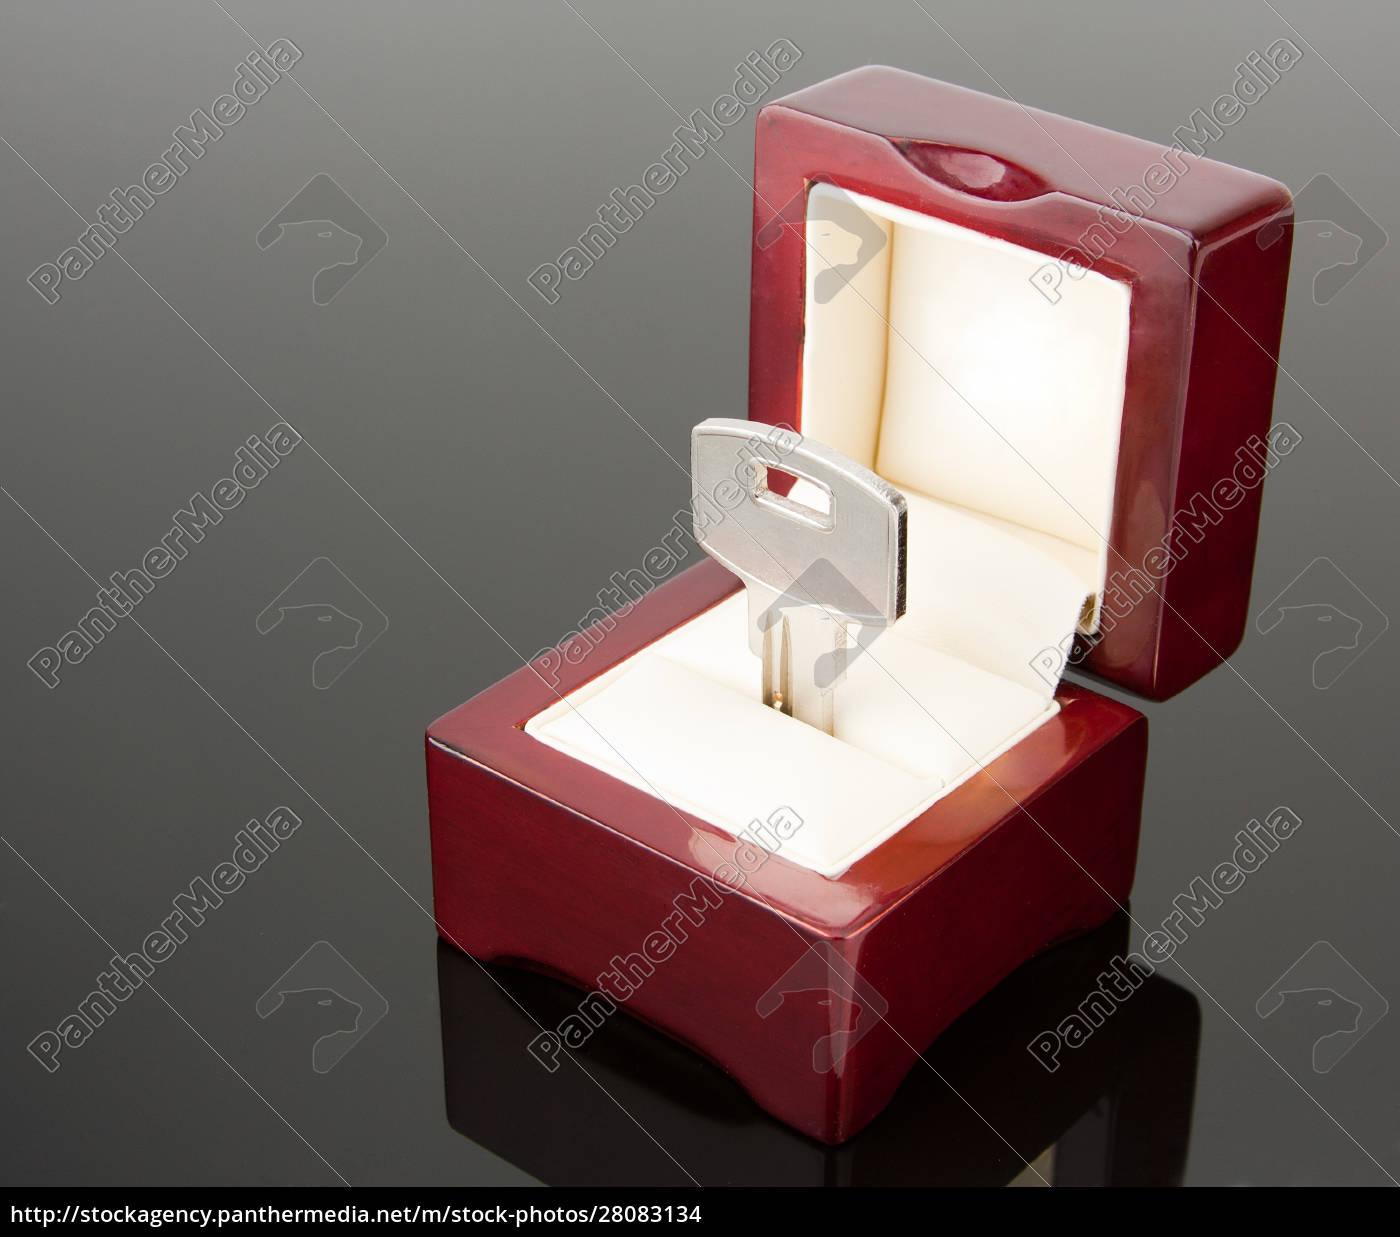 a, key, in, jewel, box - 28083134